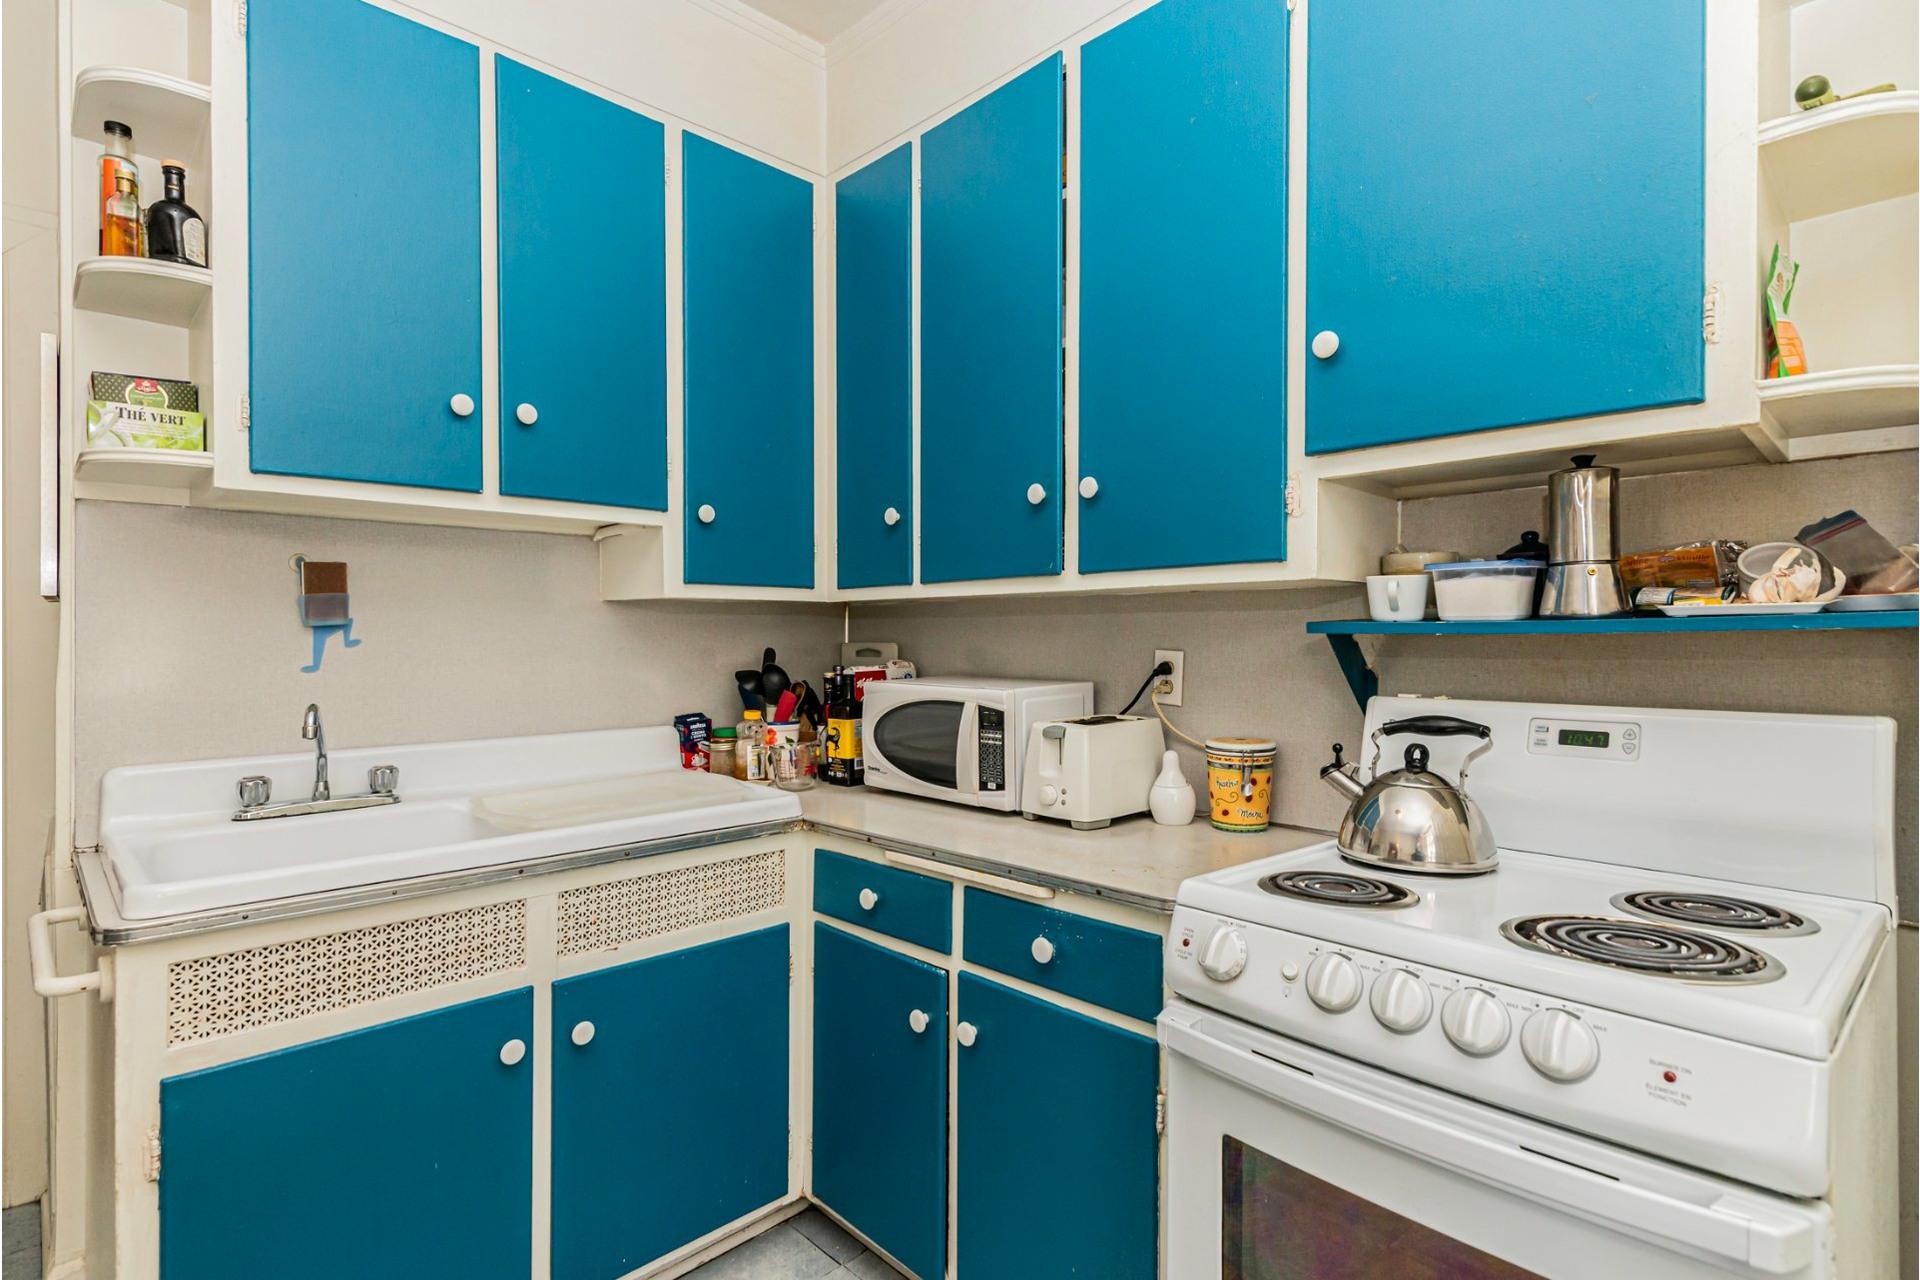 image 26 - Duplex À vendre Côte-des-Neiges/Notre-Dame-de-Grâce Montréal  - 6 pièces